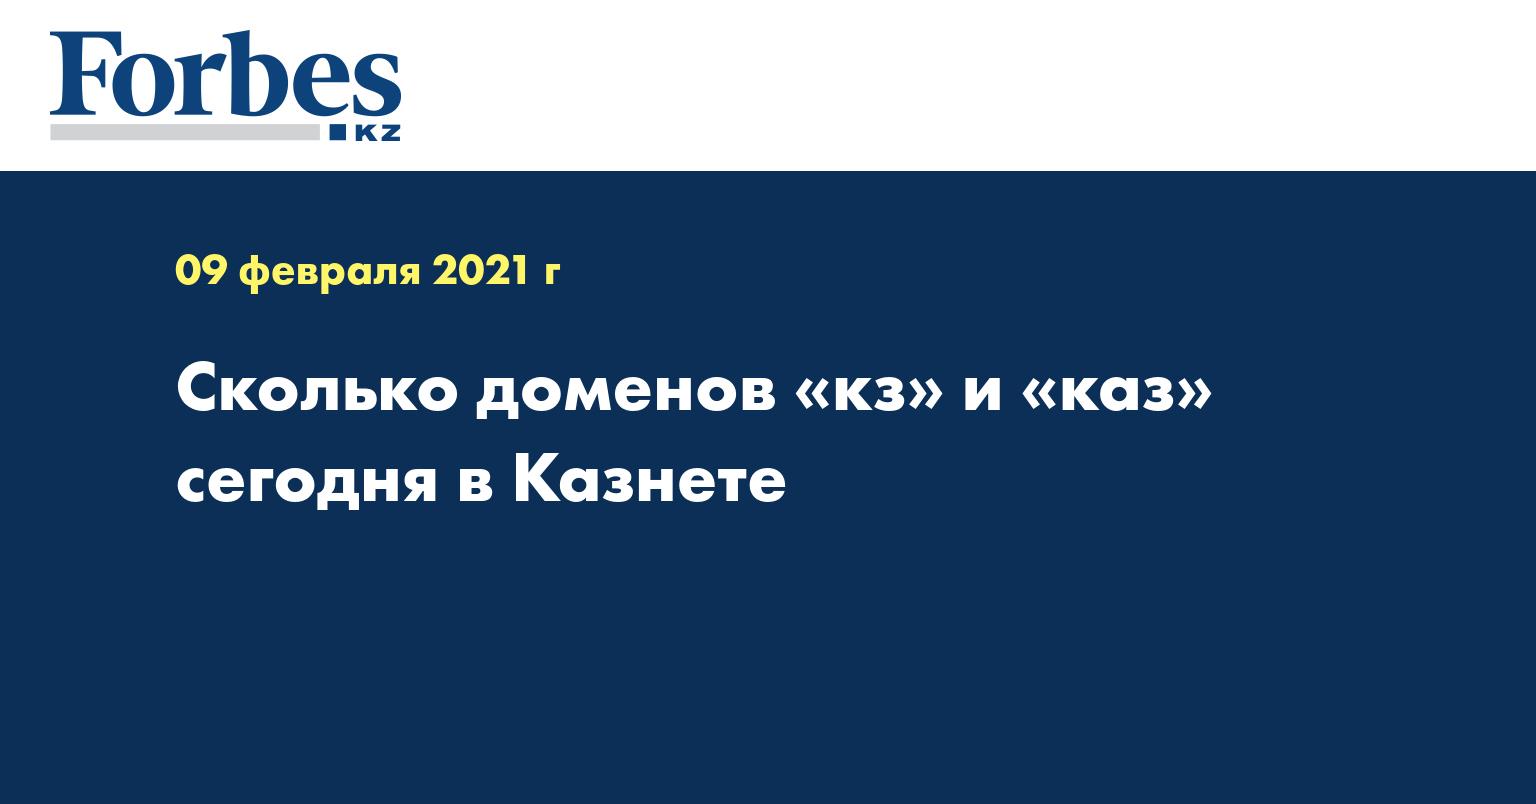 Сколько доменов «кз» и «каз» сегодня в Казнете